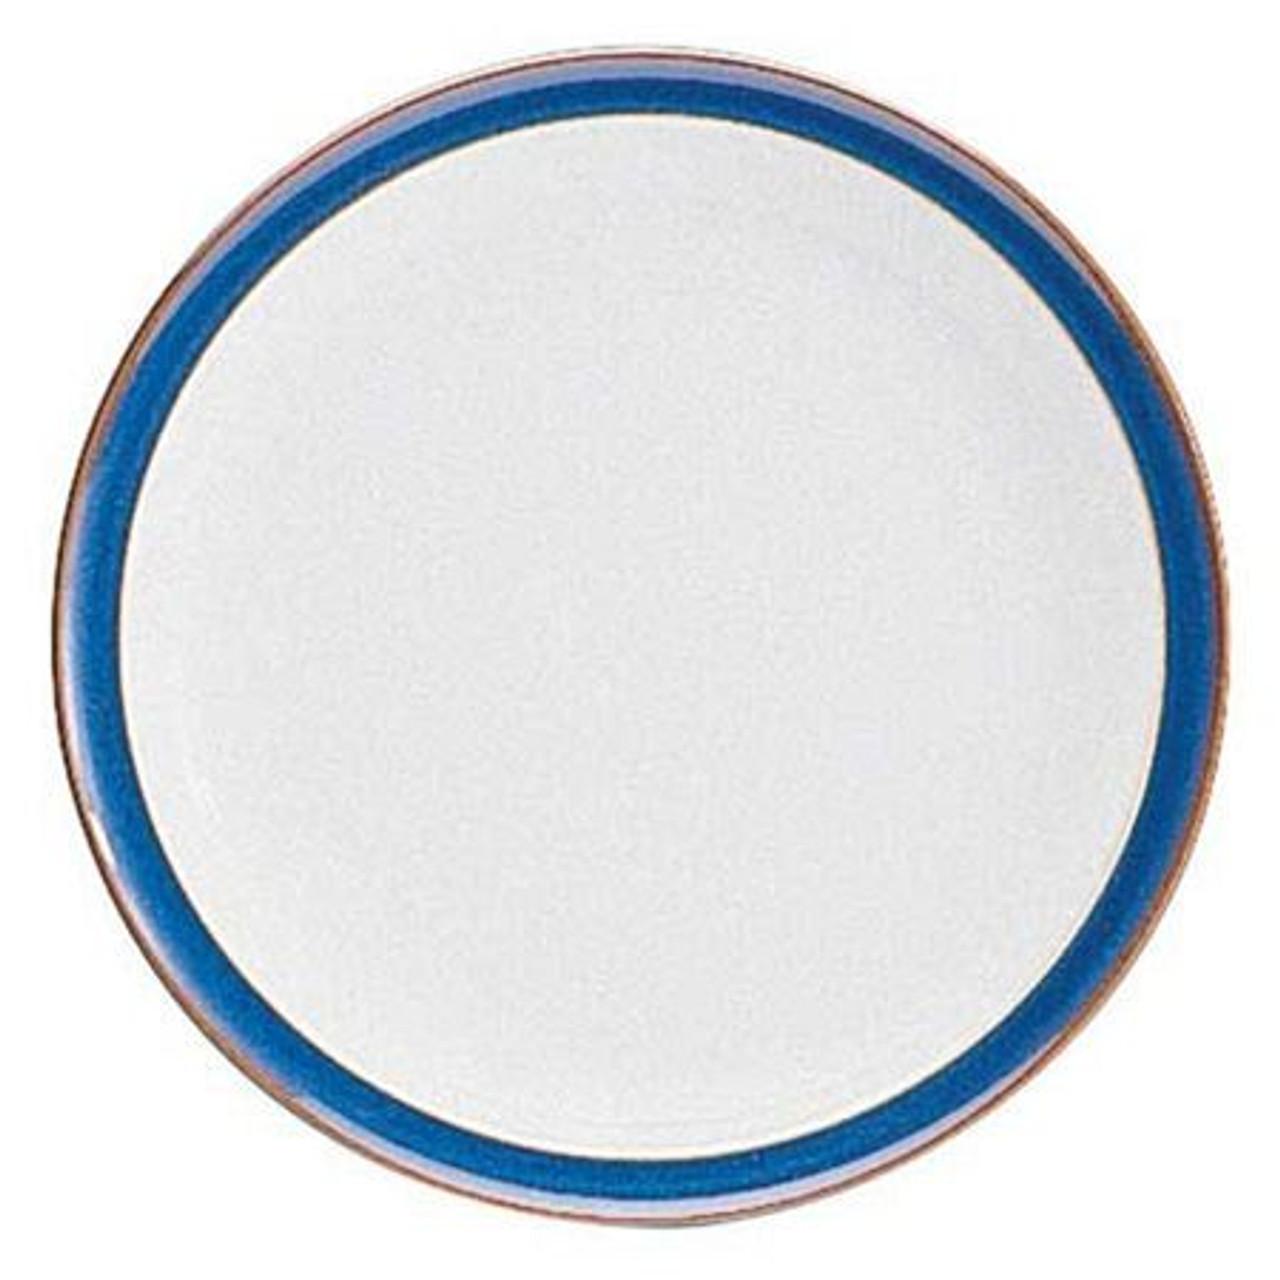 Denby Dinner Plate Imperial Blue